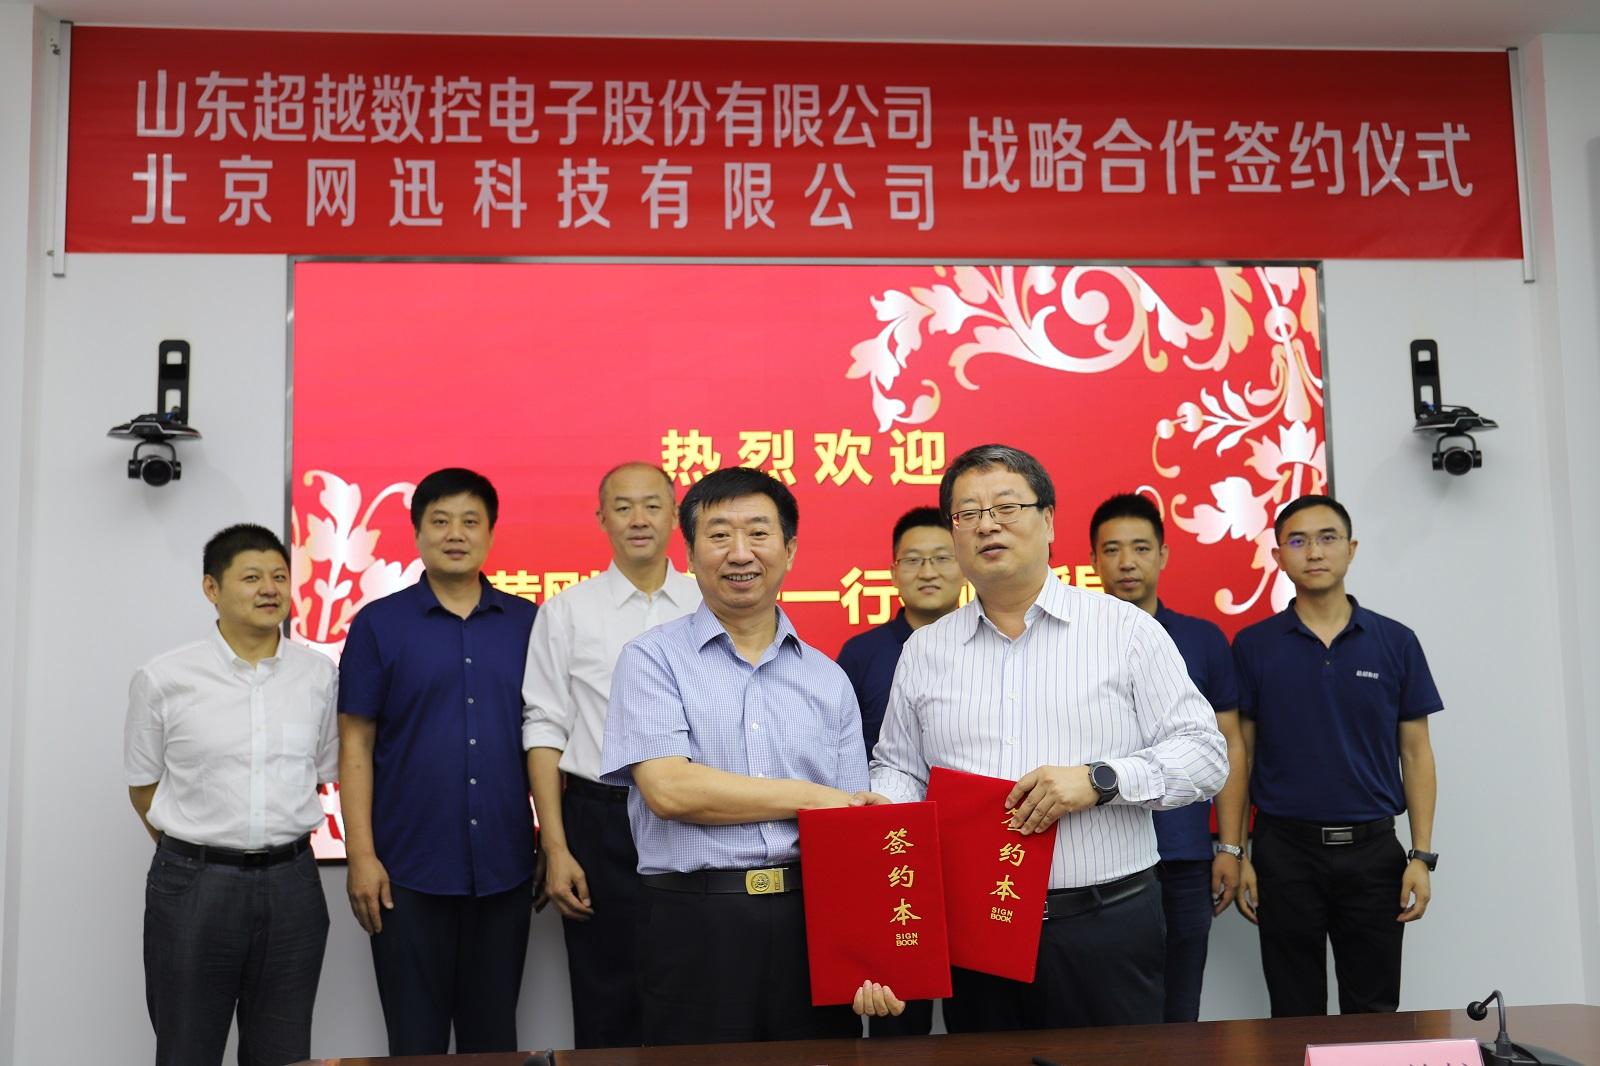 北京网迅科技有限公司与山东超越数控电子股份有限公司签署战略合作协议